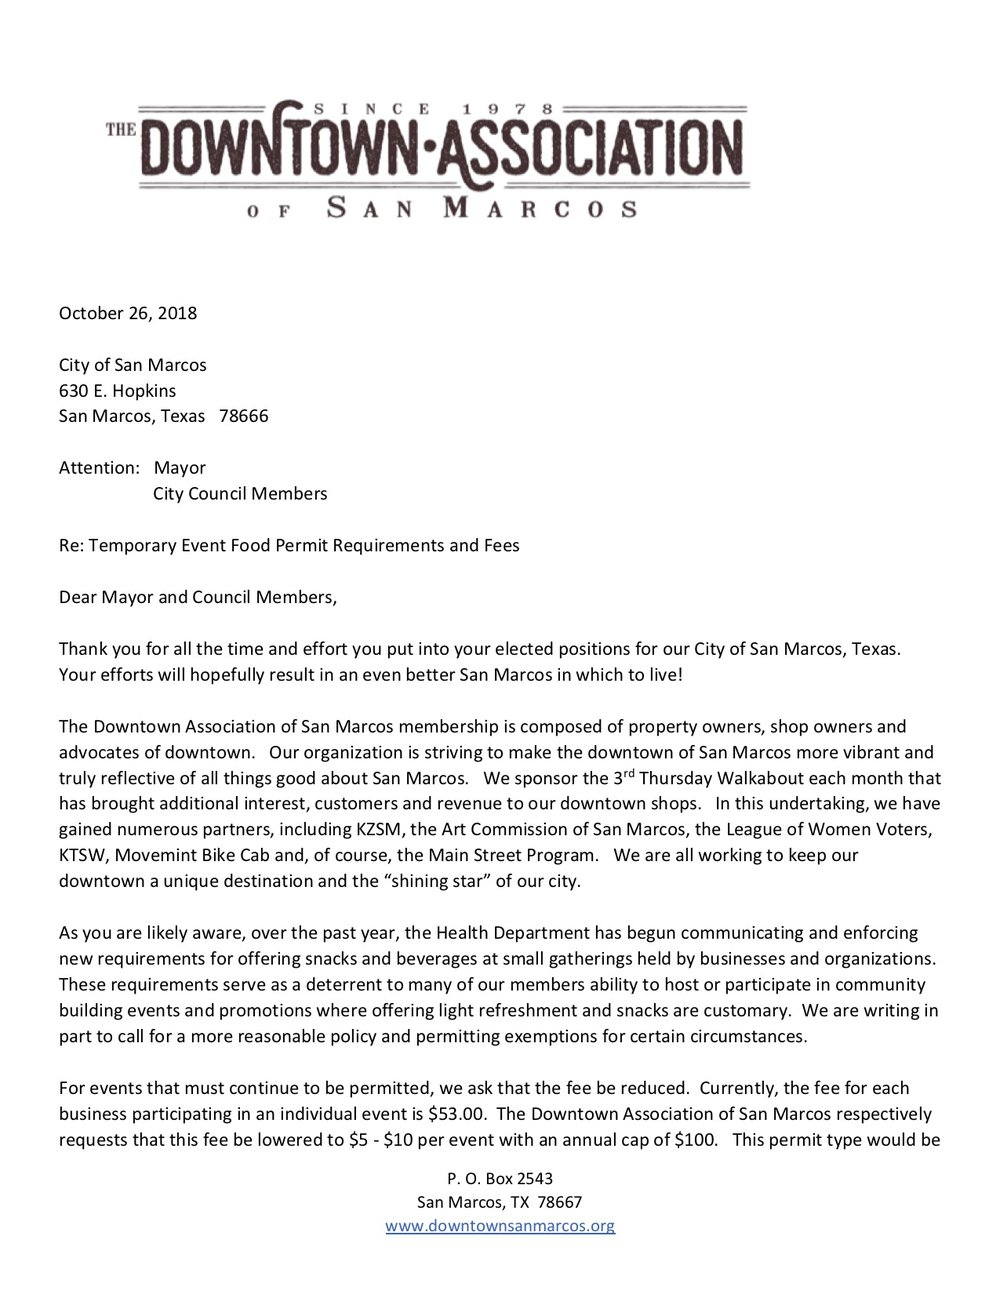 20181026-DTA Health Code Letter PG 1.jpg